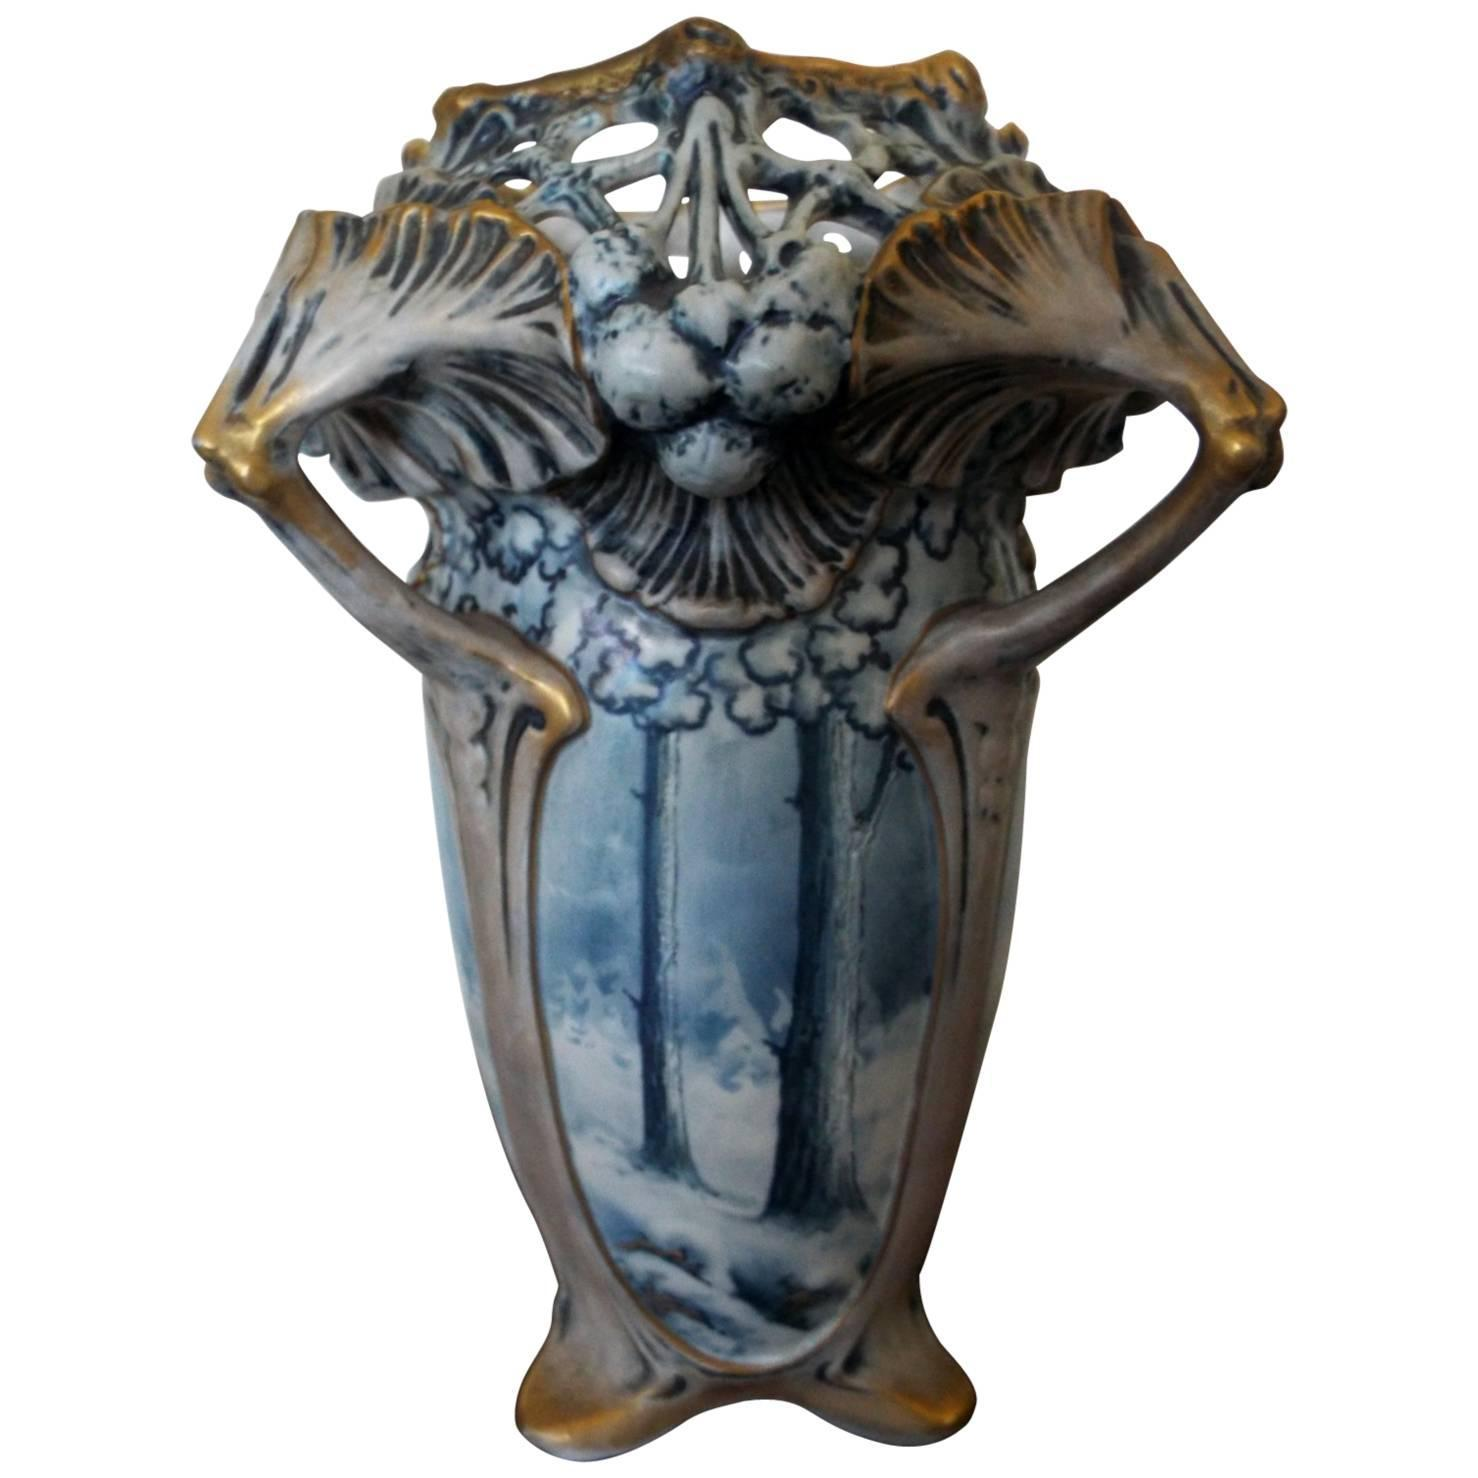 Amphora winter snow art nouveau vase by ernst wahliss for sale at amphora winter snow art nouveau vase by ernst wahliss for sale at 1stdibs reviewsmspy